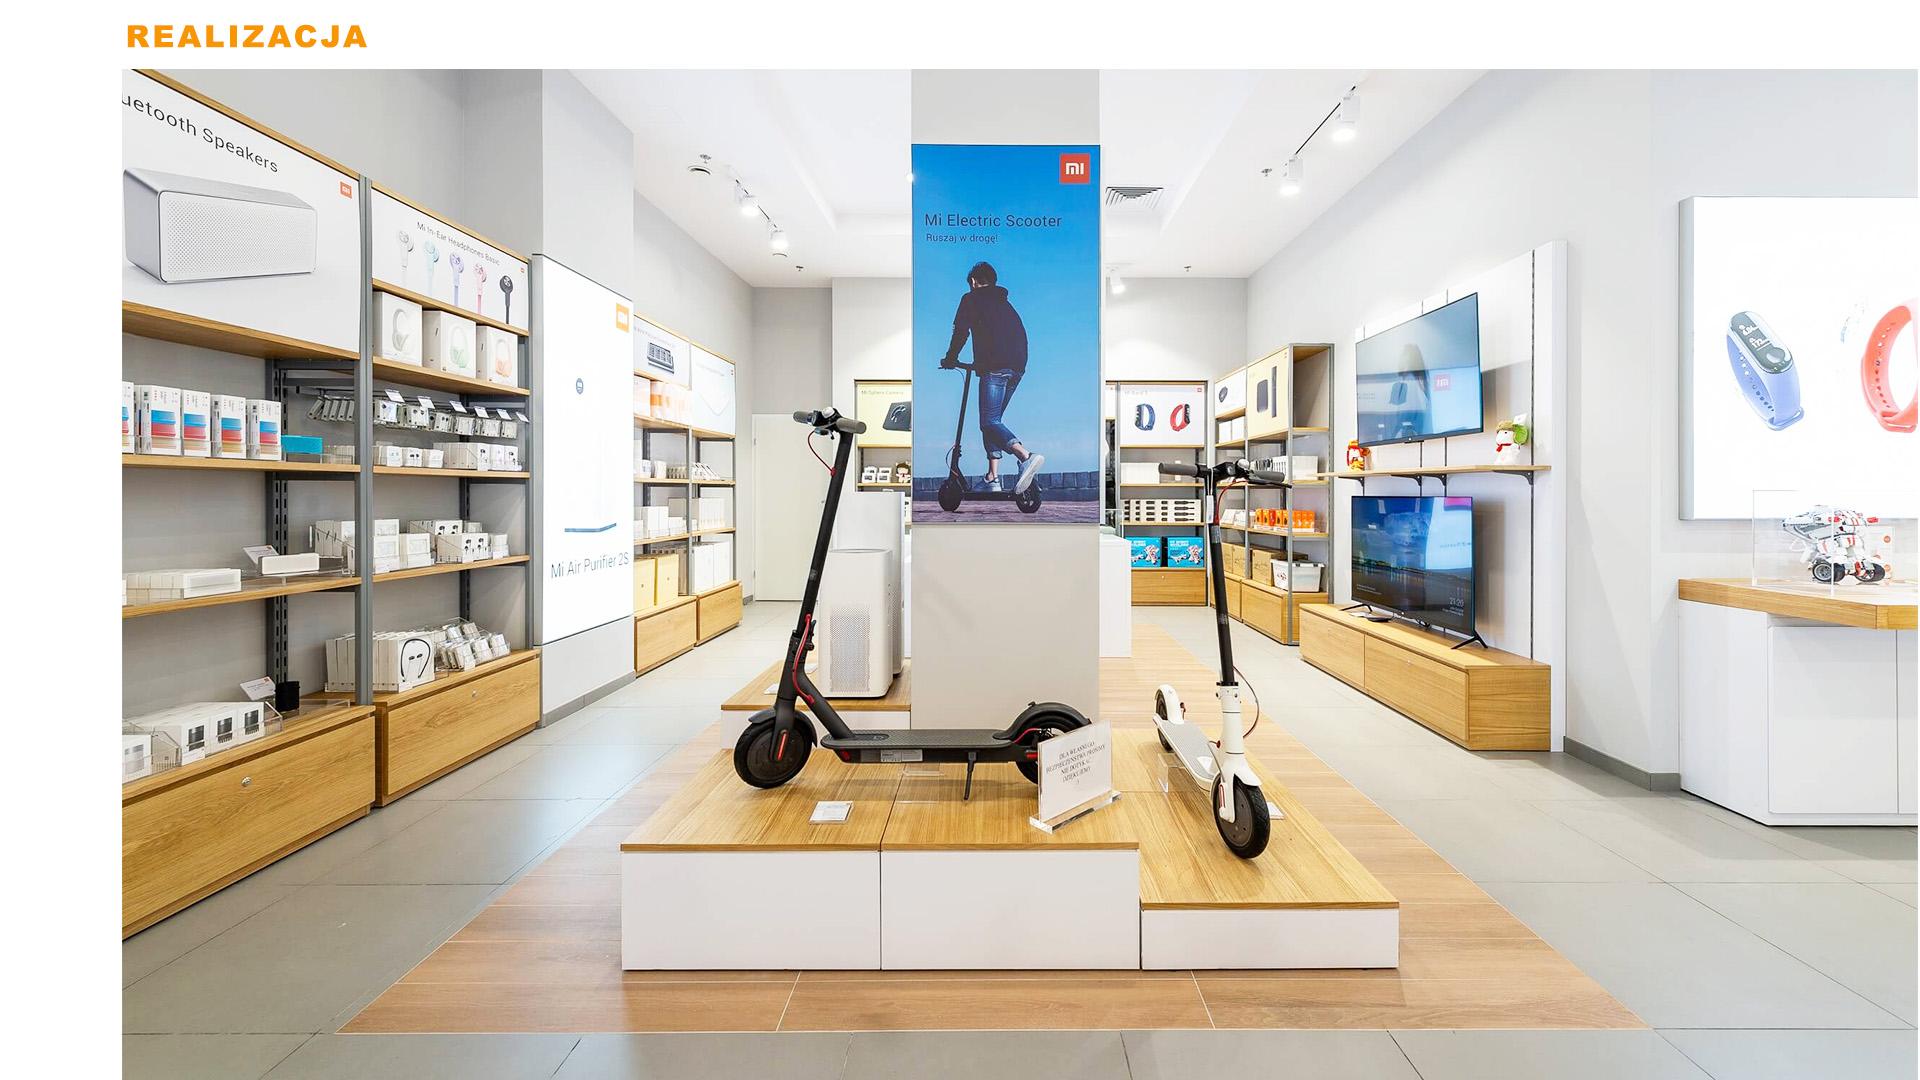 Mi-Store - Poznań - Centrum Posnania - realizacja